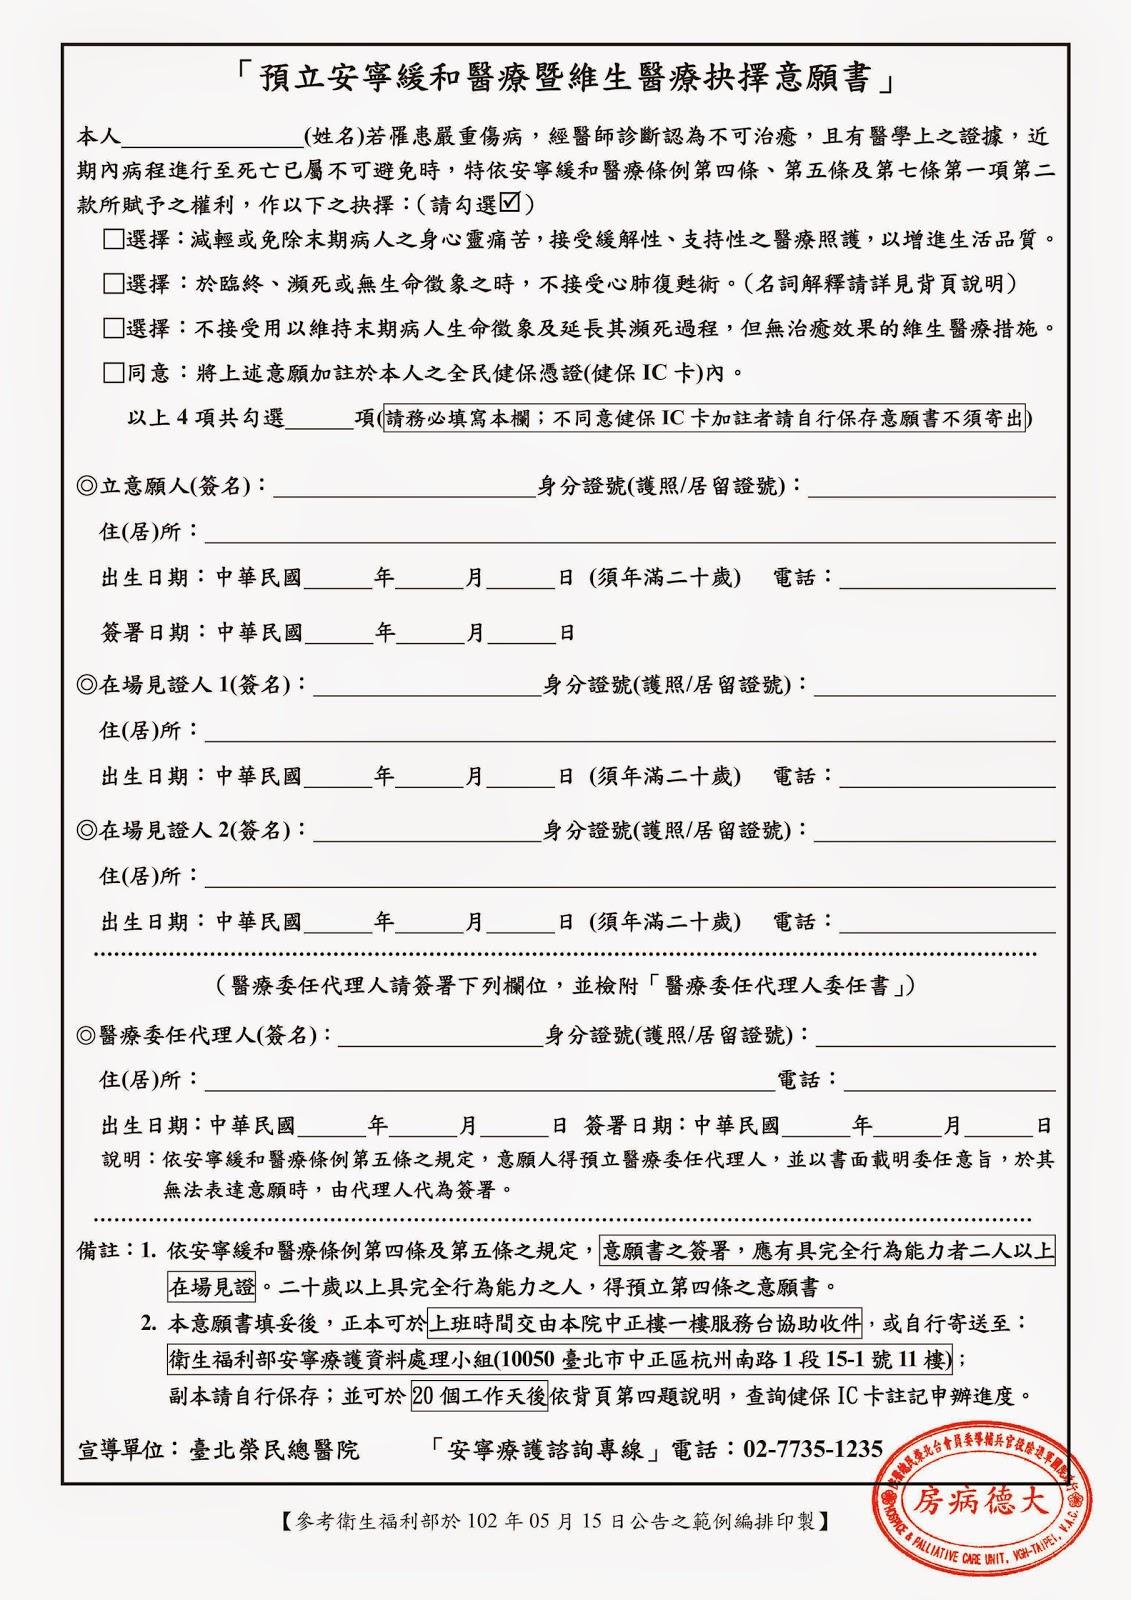 大德之愛: 「預立安寧緩和醫療暨維生醫療抉擇意願書」新版公告